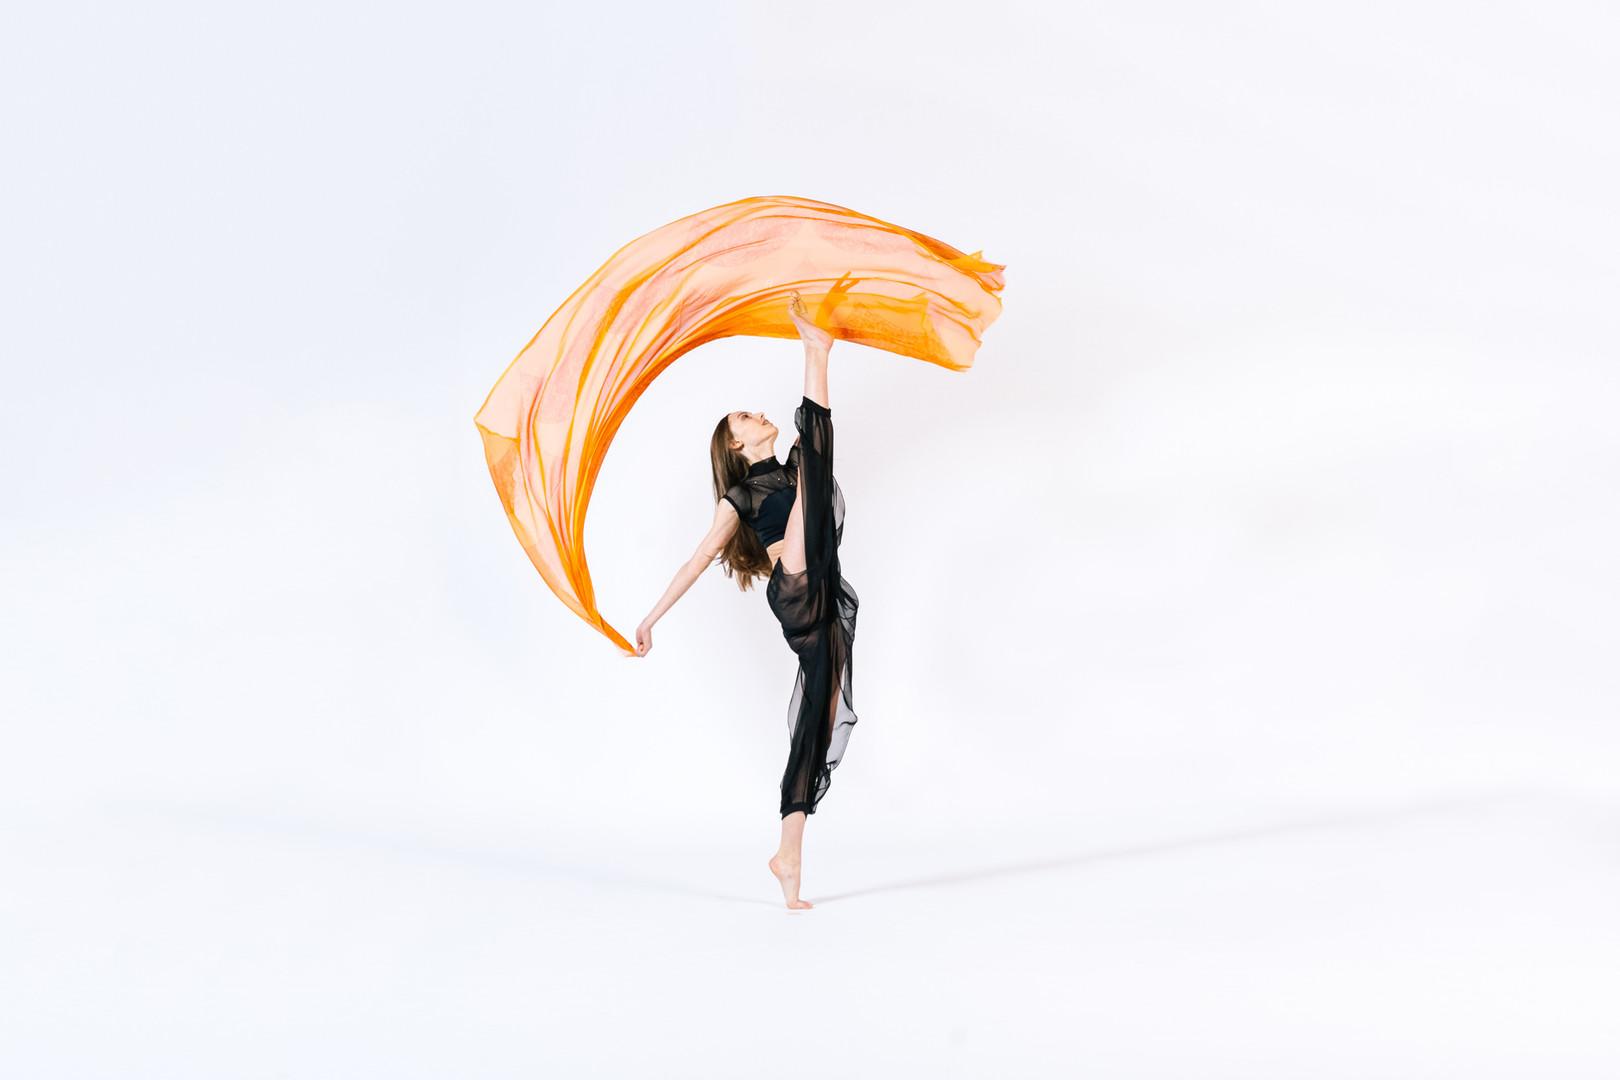 manchester-dance-photographer-5.jpg